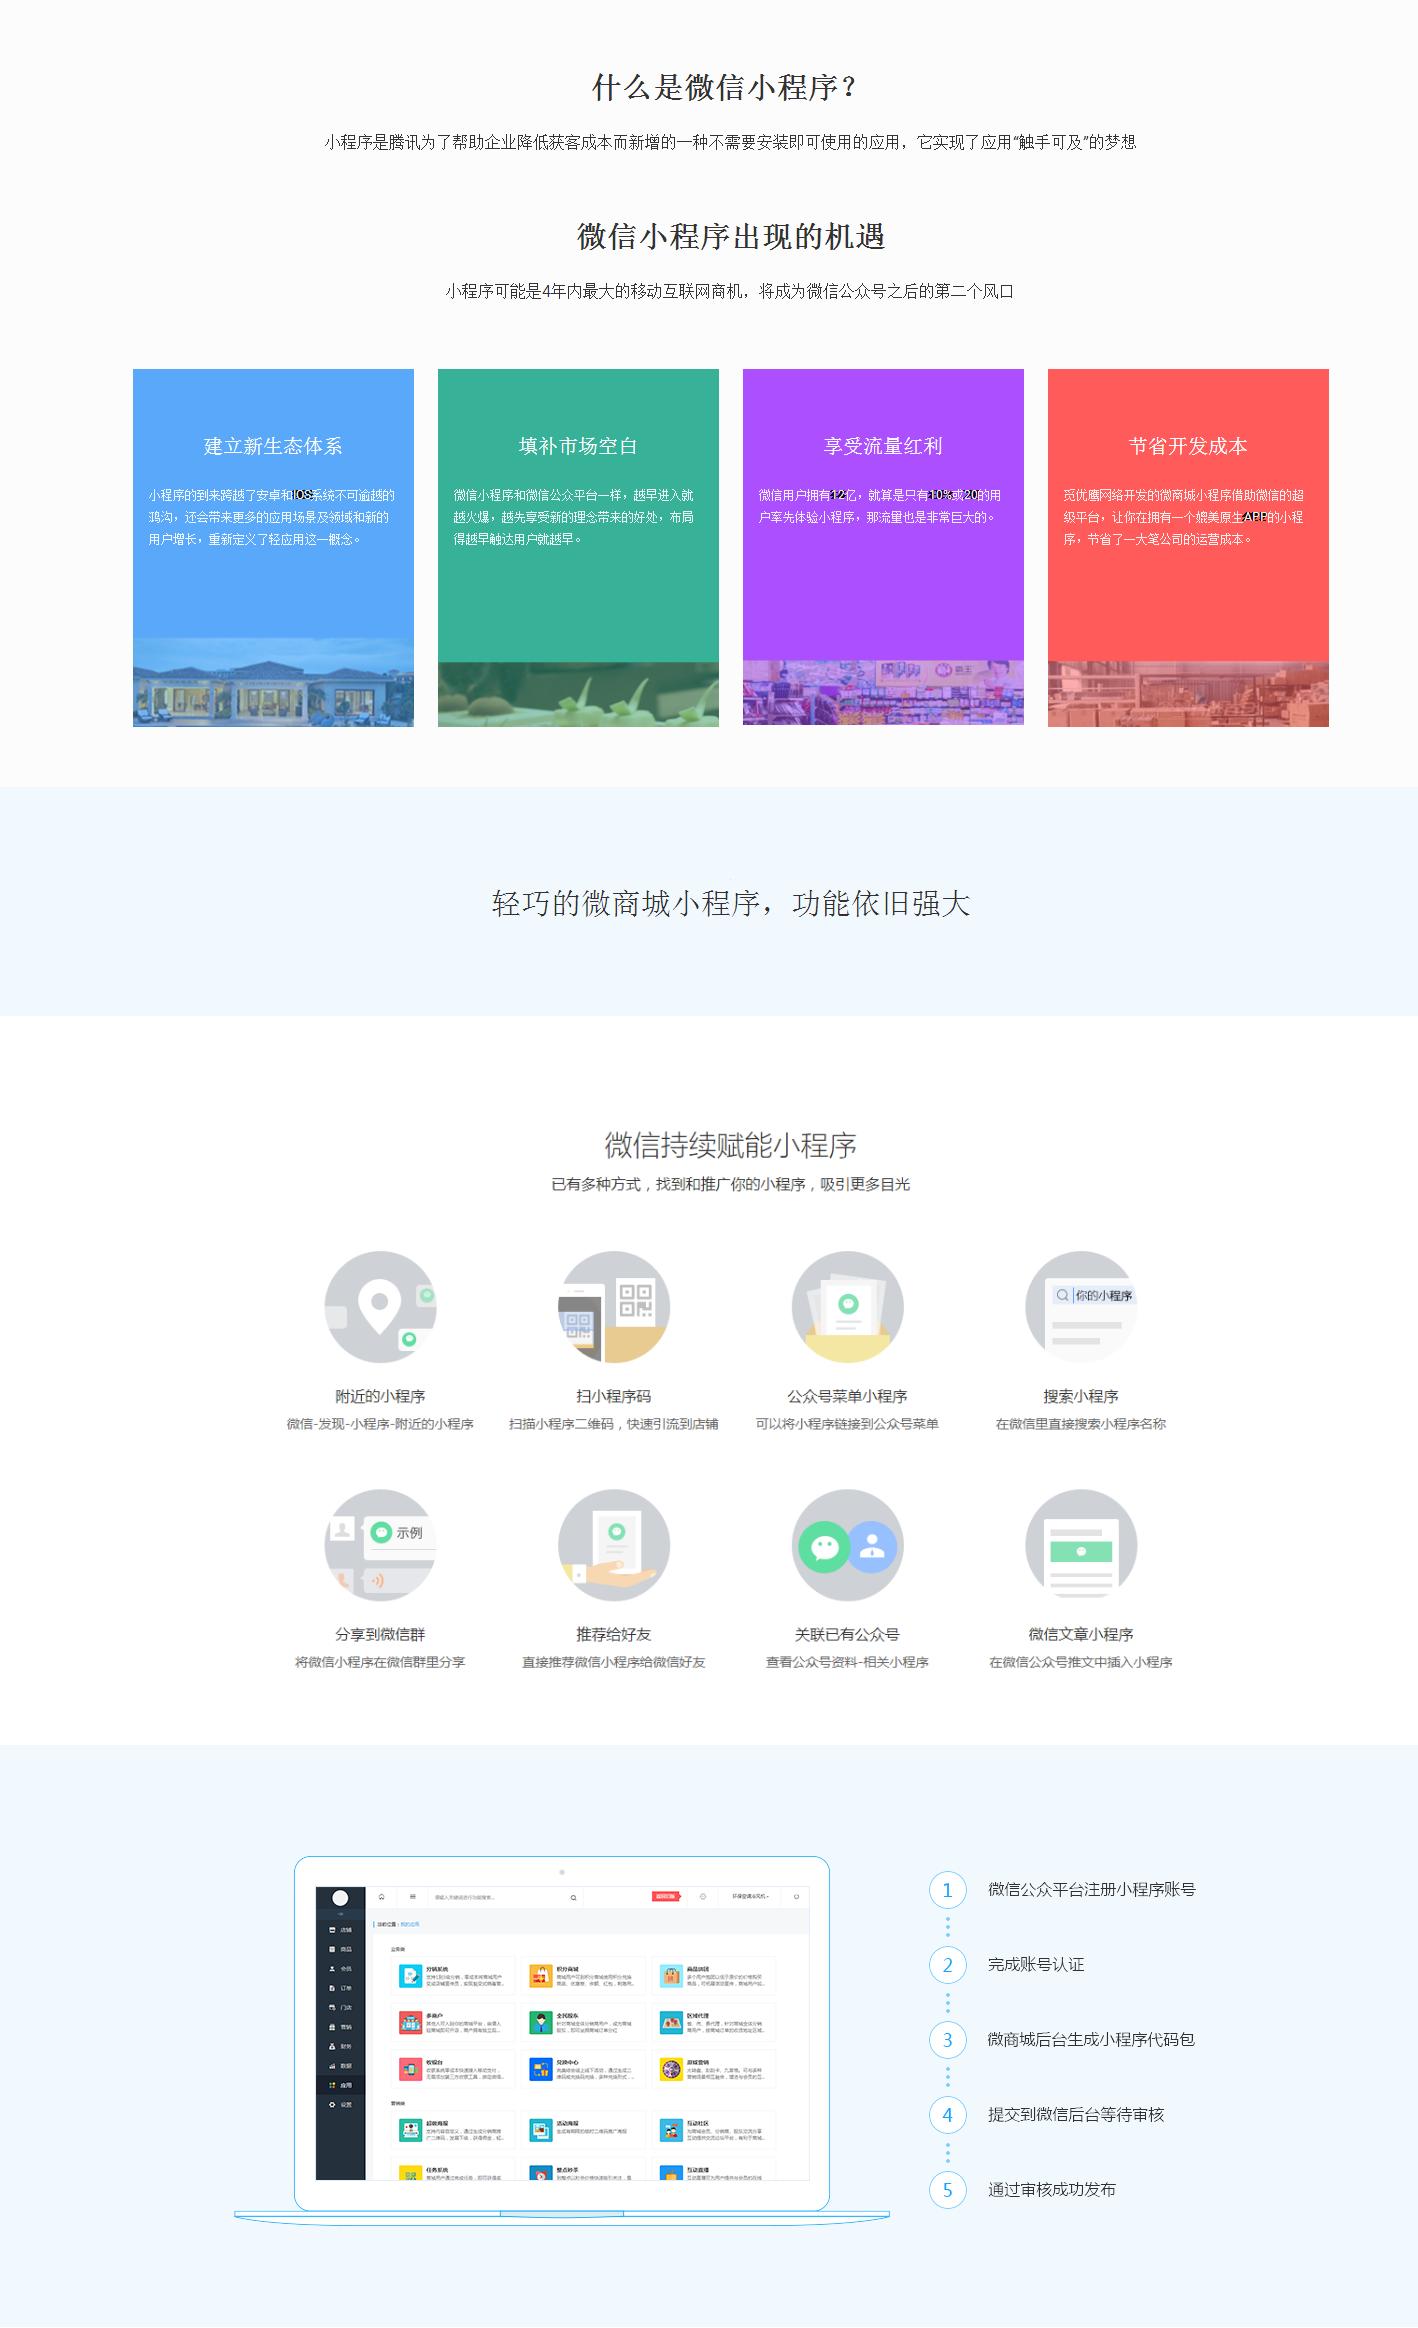 微信小程序 – 产业链赋能新零售.png